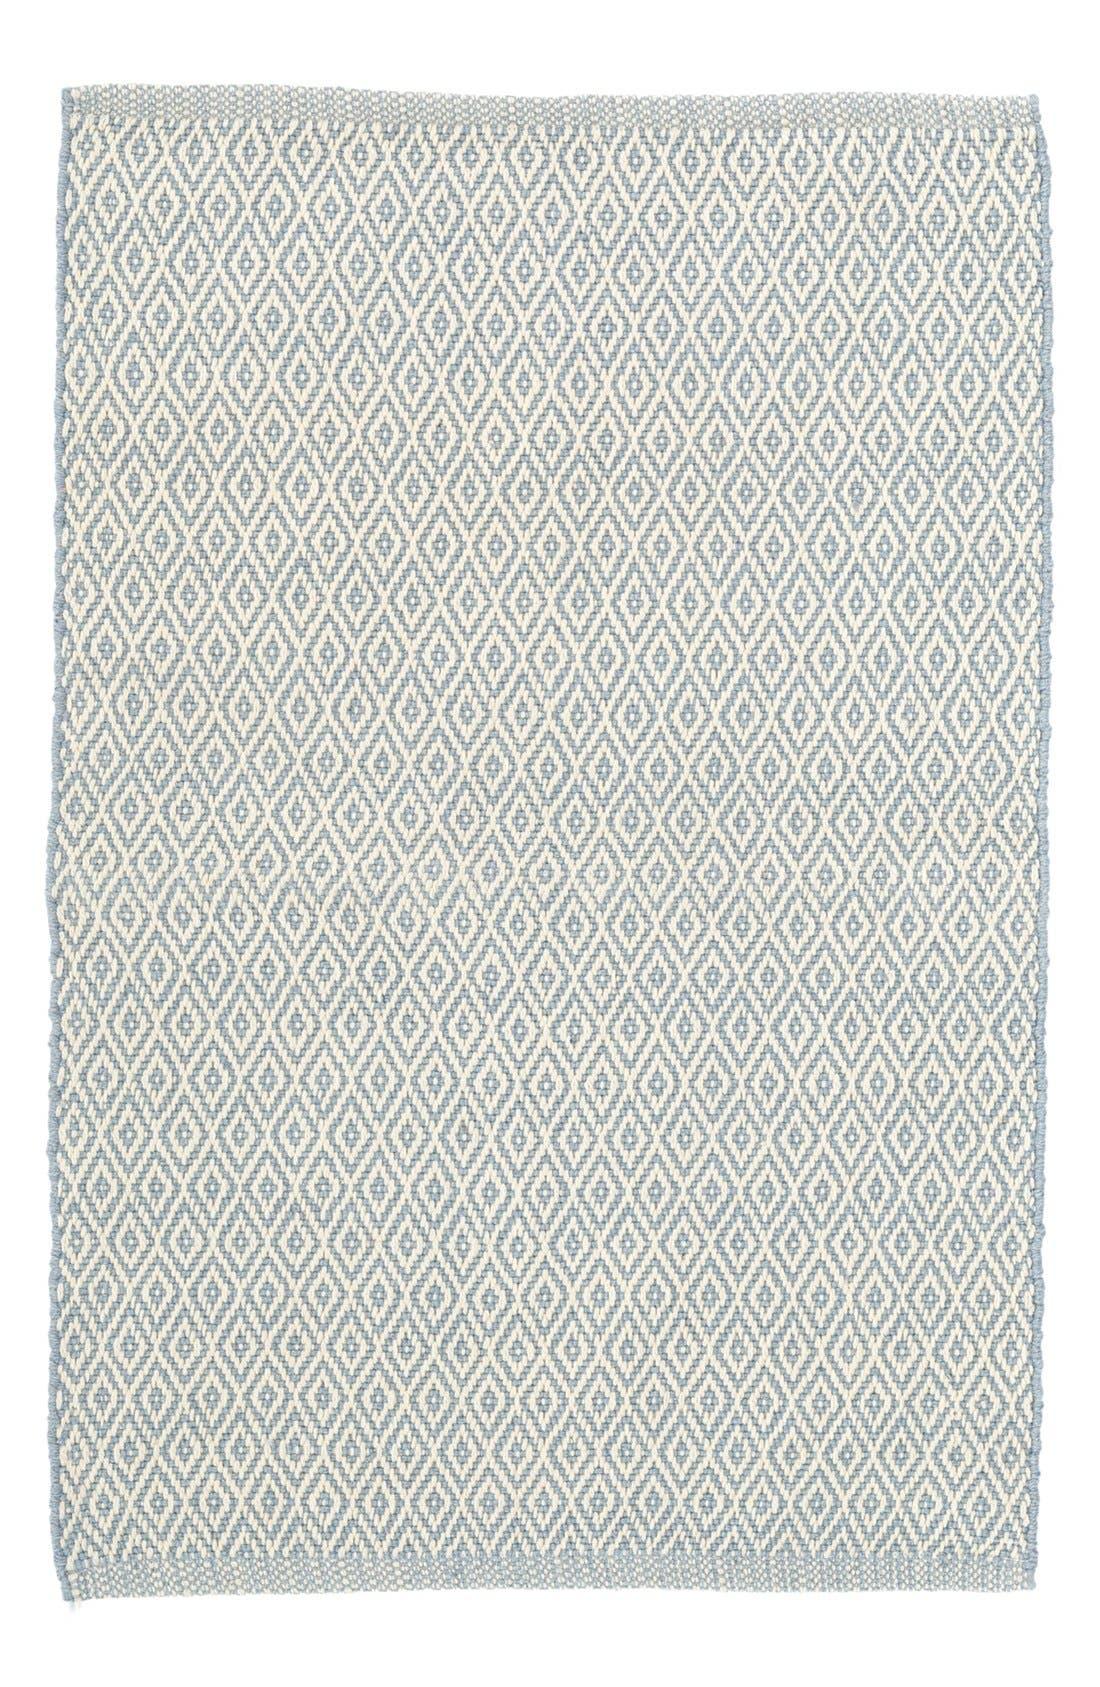 Crystal Swedish Handwoven Rug,                         Main,                         color, 400